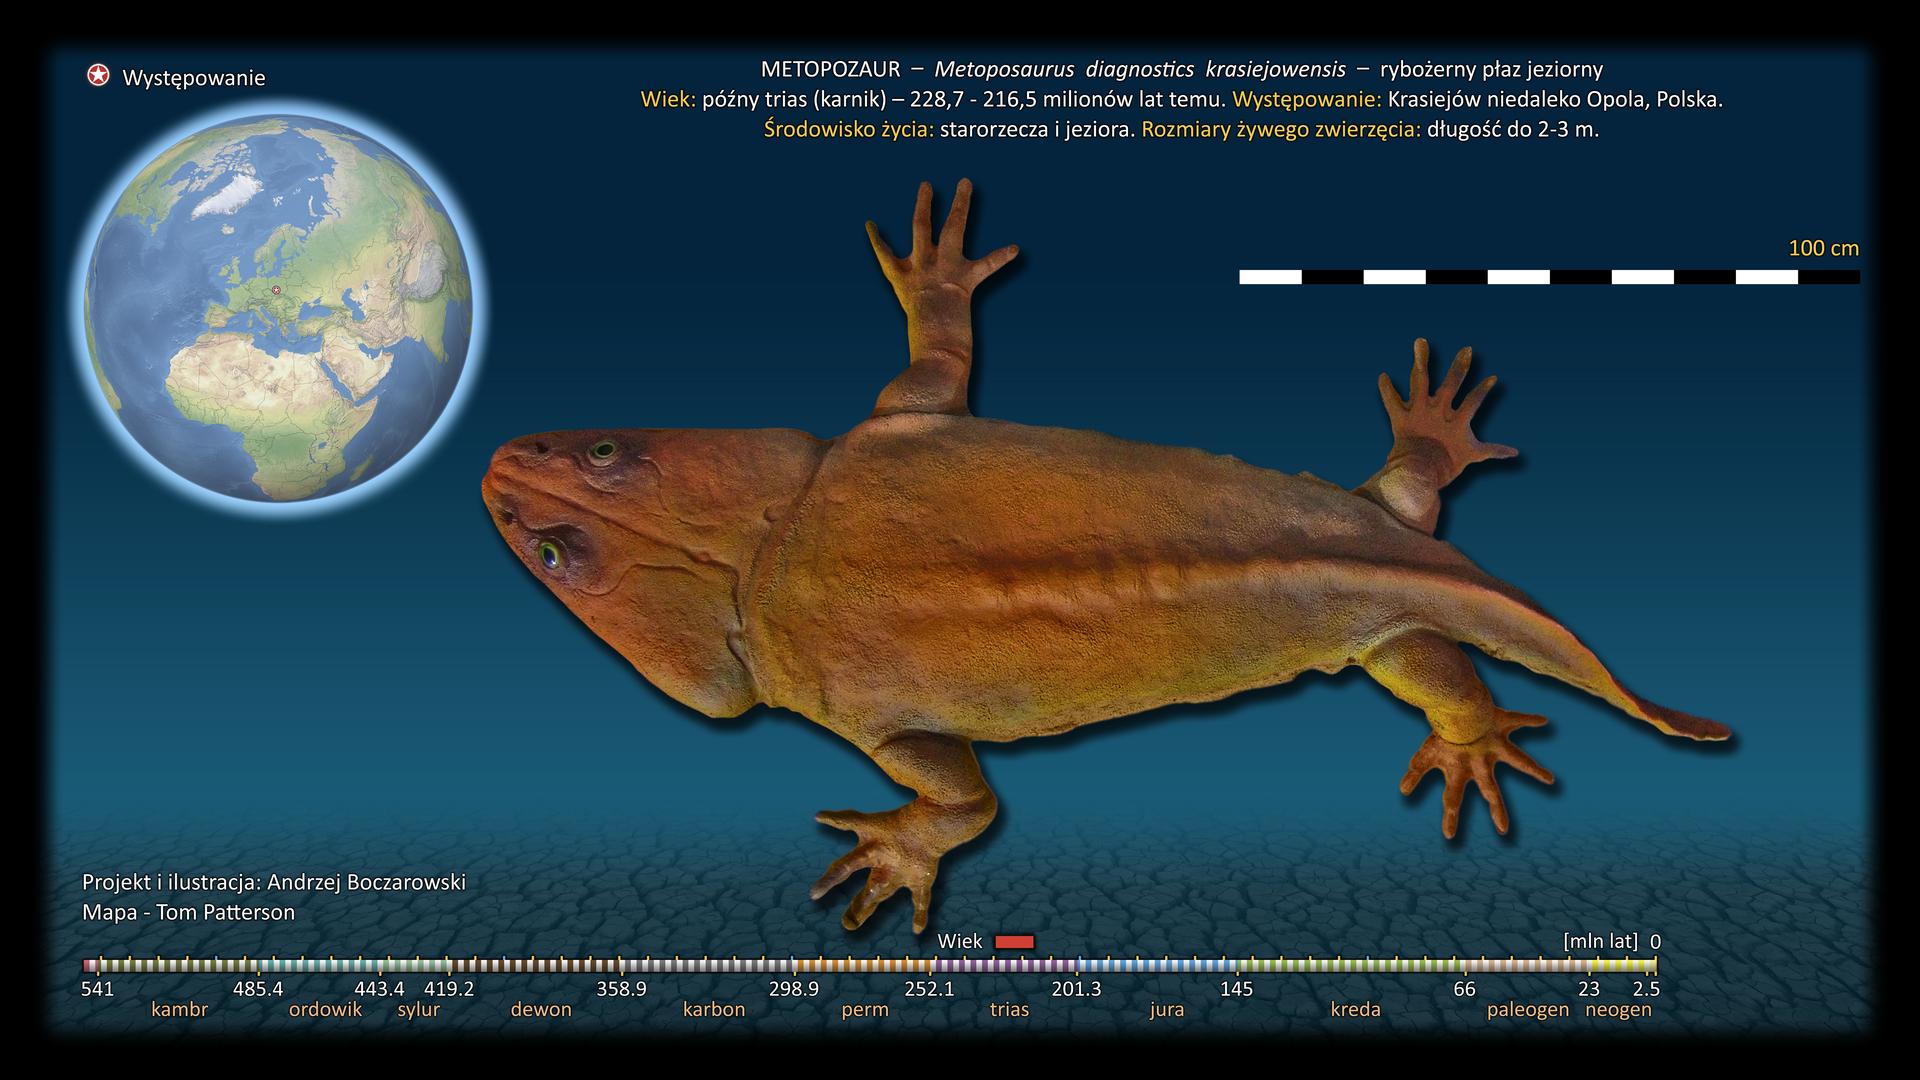 Ilustracja wymarłego zwierzęcia – metopozaura. Zwierzę ma dużą głowę długą na jedną czwartą długości ciała. Ciało jest płaskie, szerokie zprzodu izwężające się ku tyłowi. Kończy się krótkim ogonem. Kończyny są krótkie iczteropalczaste.